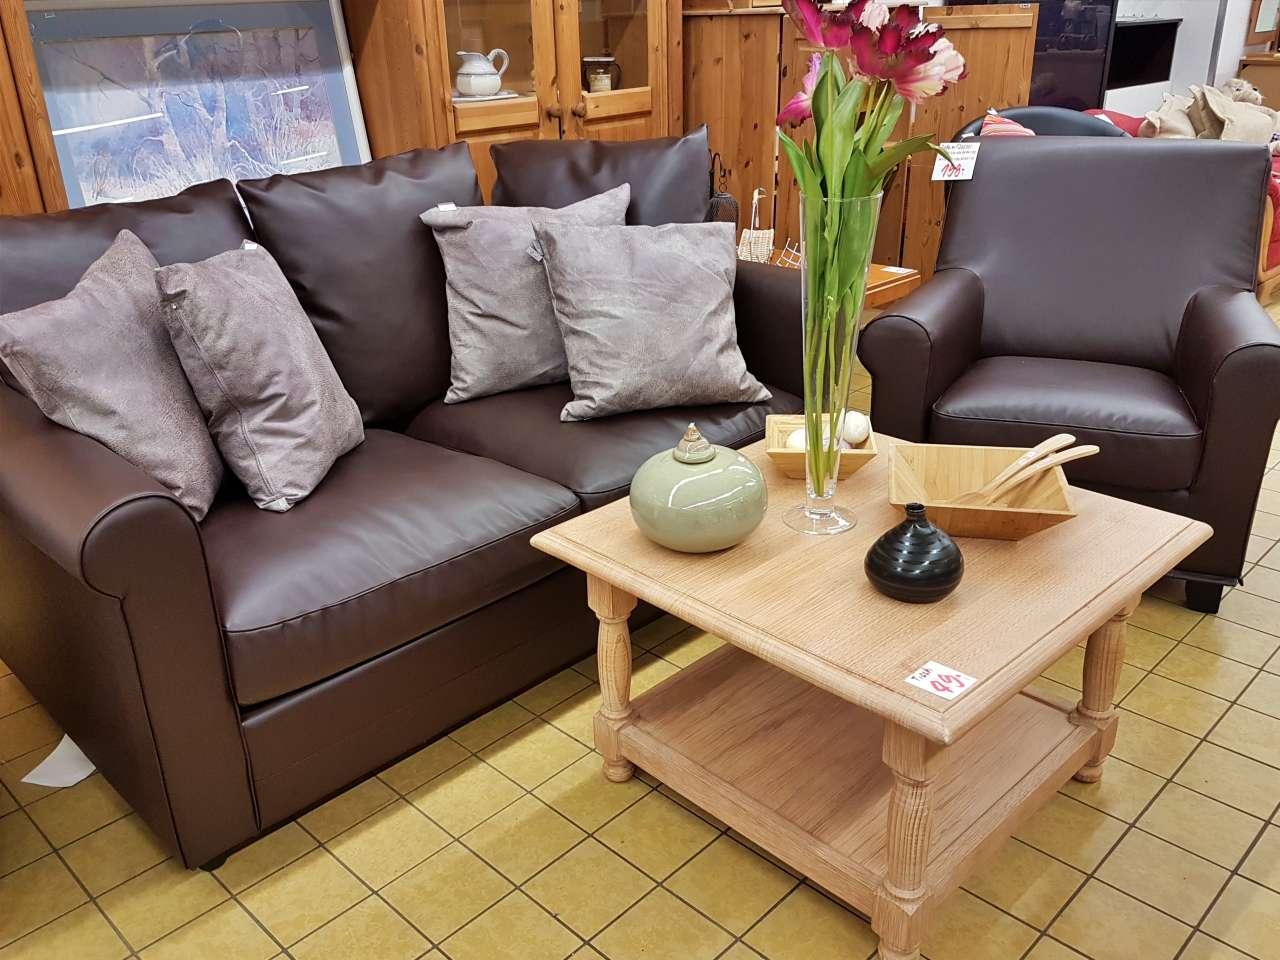 Möbel und Einrichtung Sofa Couch braun